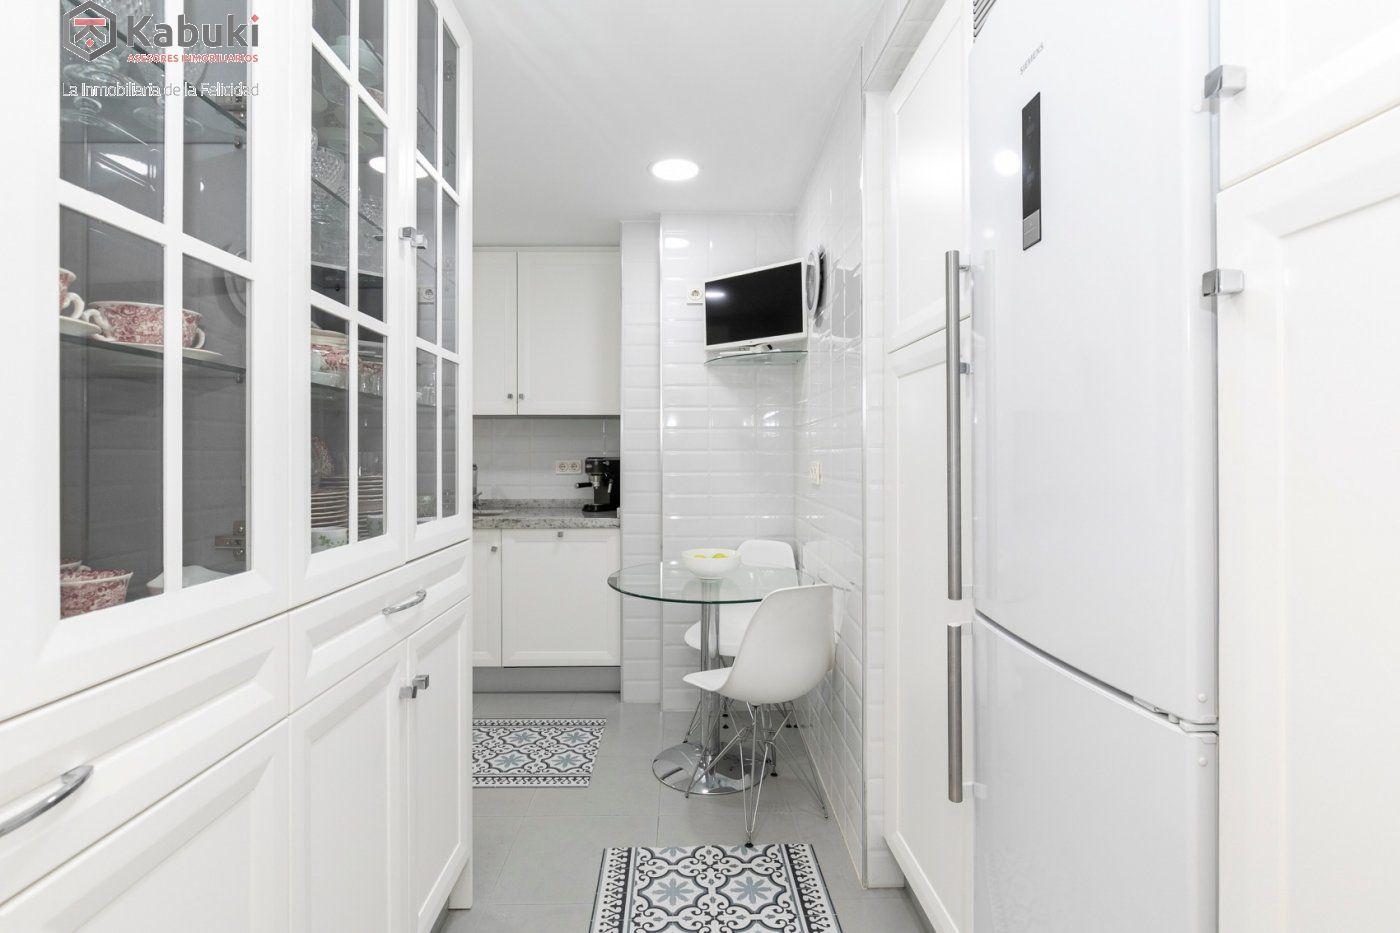 Magnífico piso en zona de recogidas, espacioso y luminoso en planta alta. - imagenInmueble2